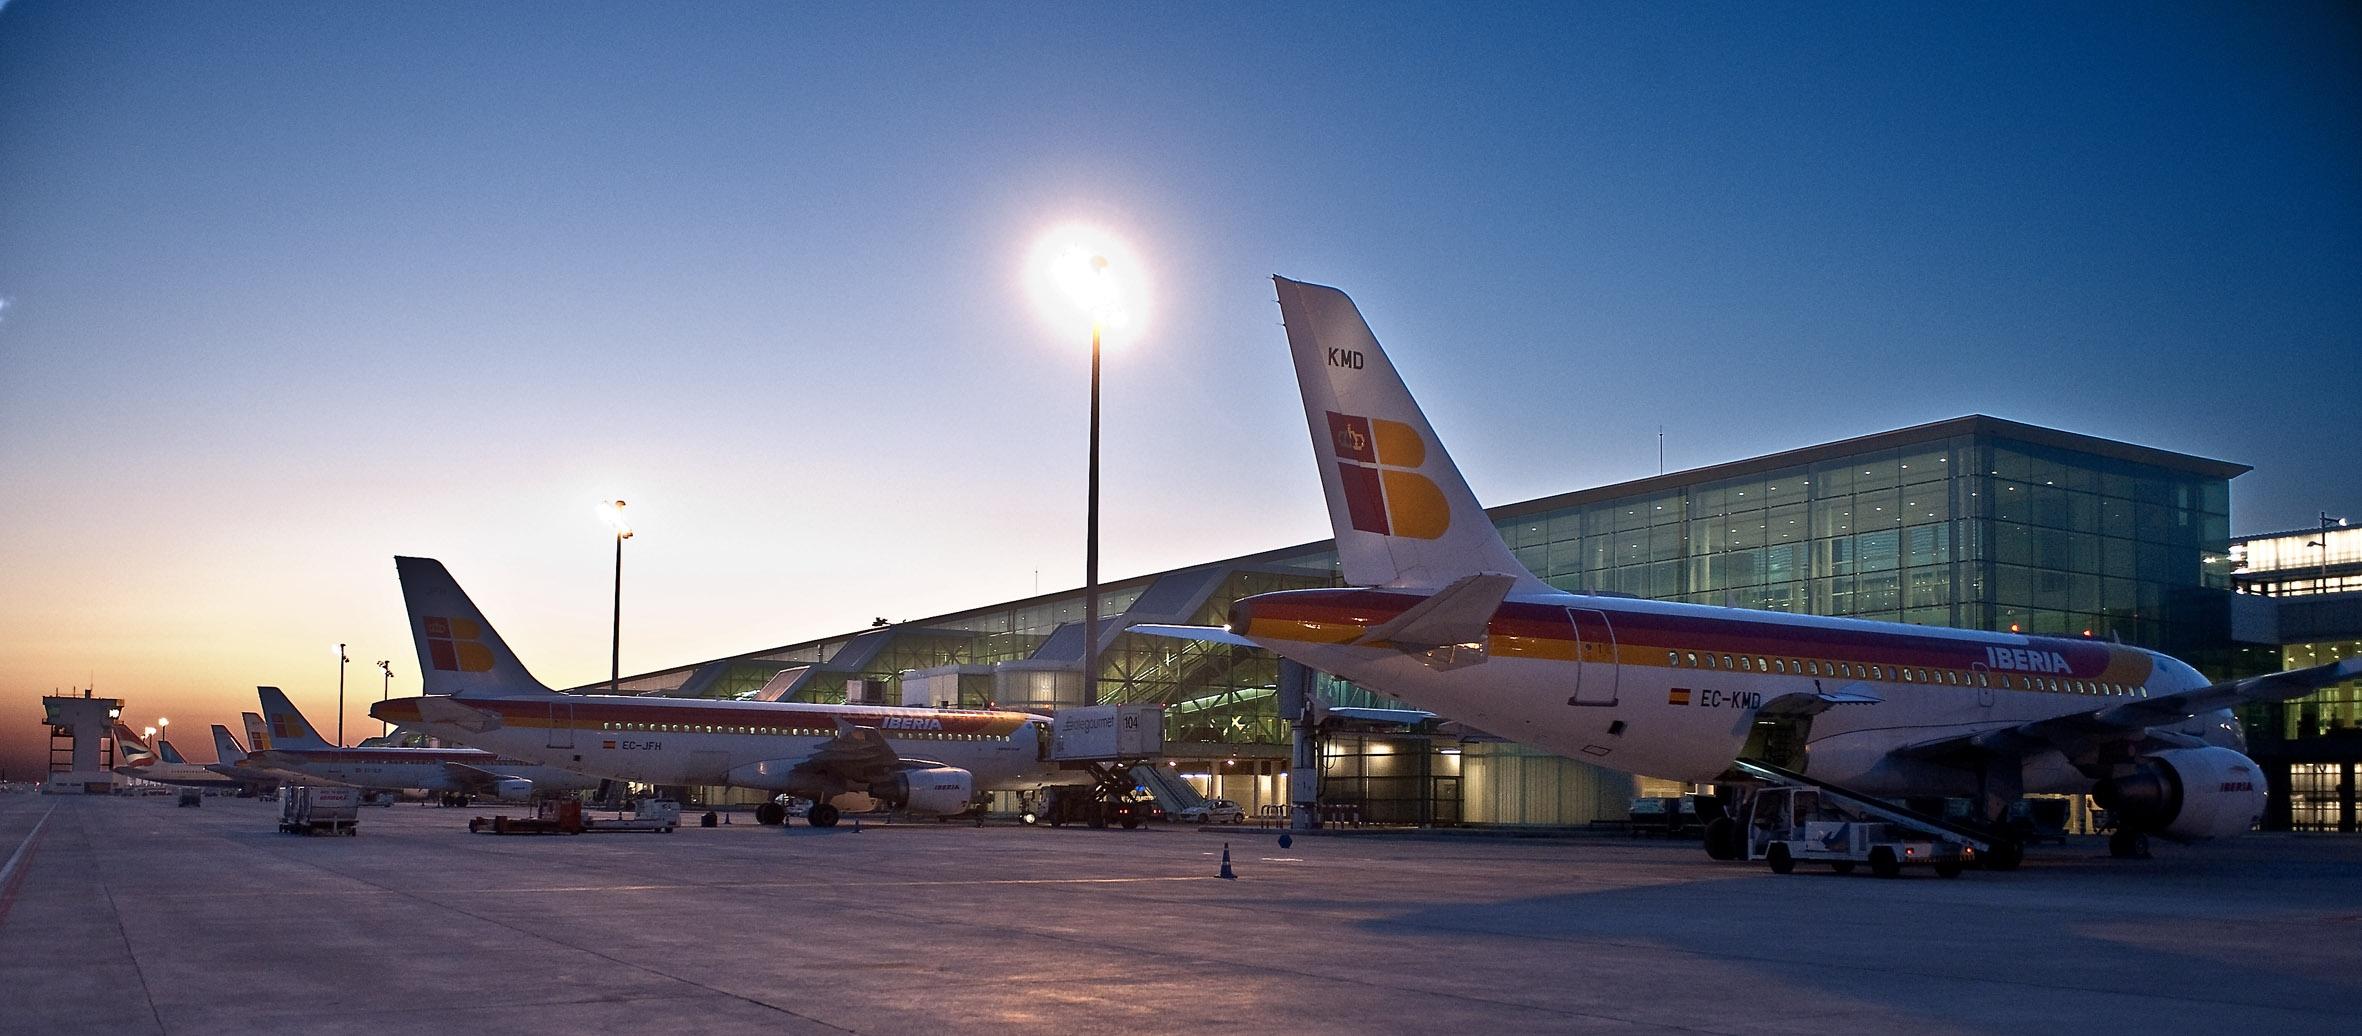 Аэропорт Эль-Прат побил исторический рекорд по количеству пассажиров